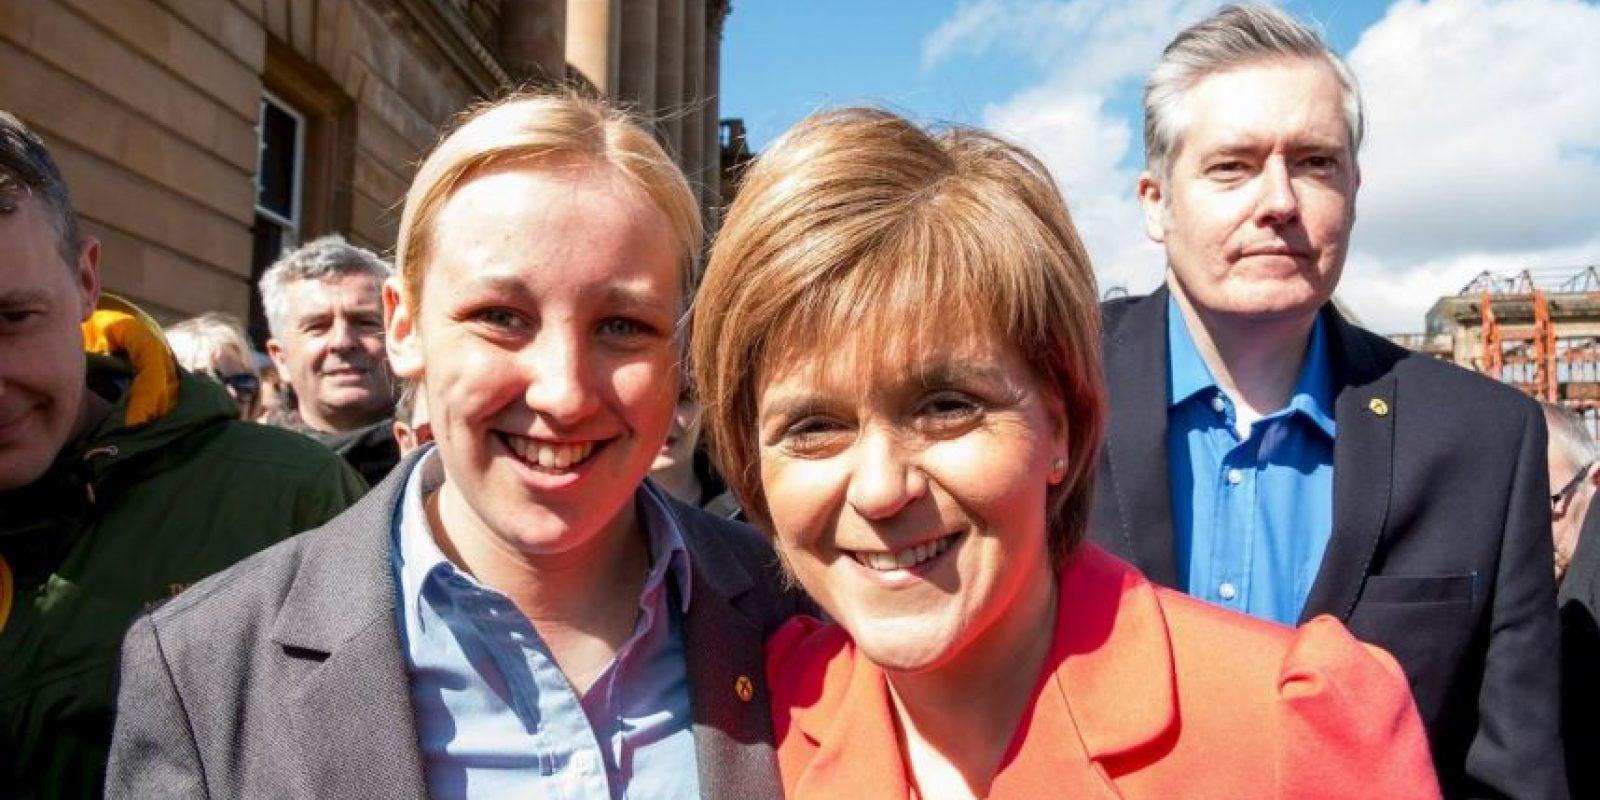 Junto a Nicola Sturgeon, la líder del Partido Nacional de Escocia Foto:Facebook.com/Mhairi.Black.SNP